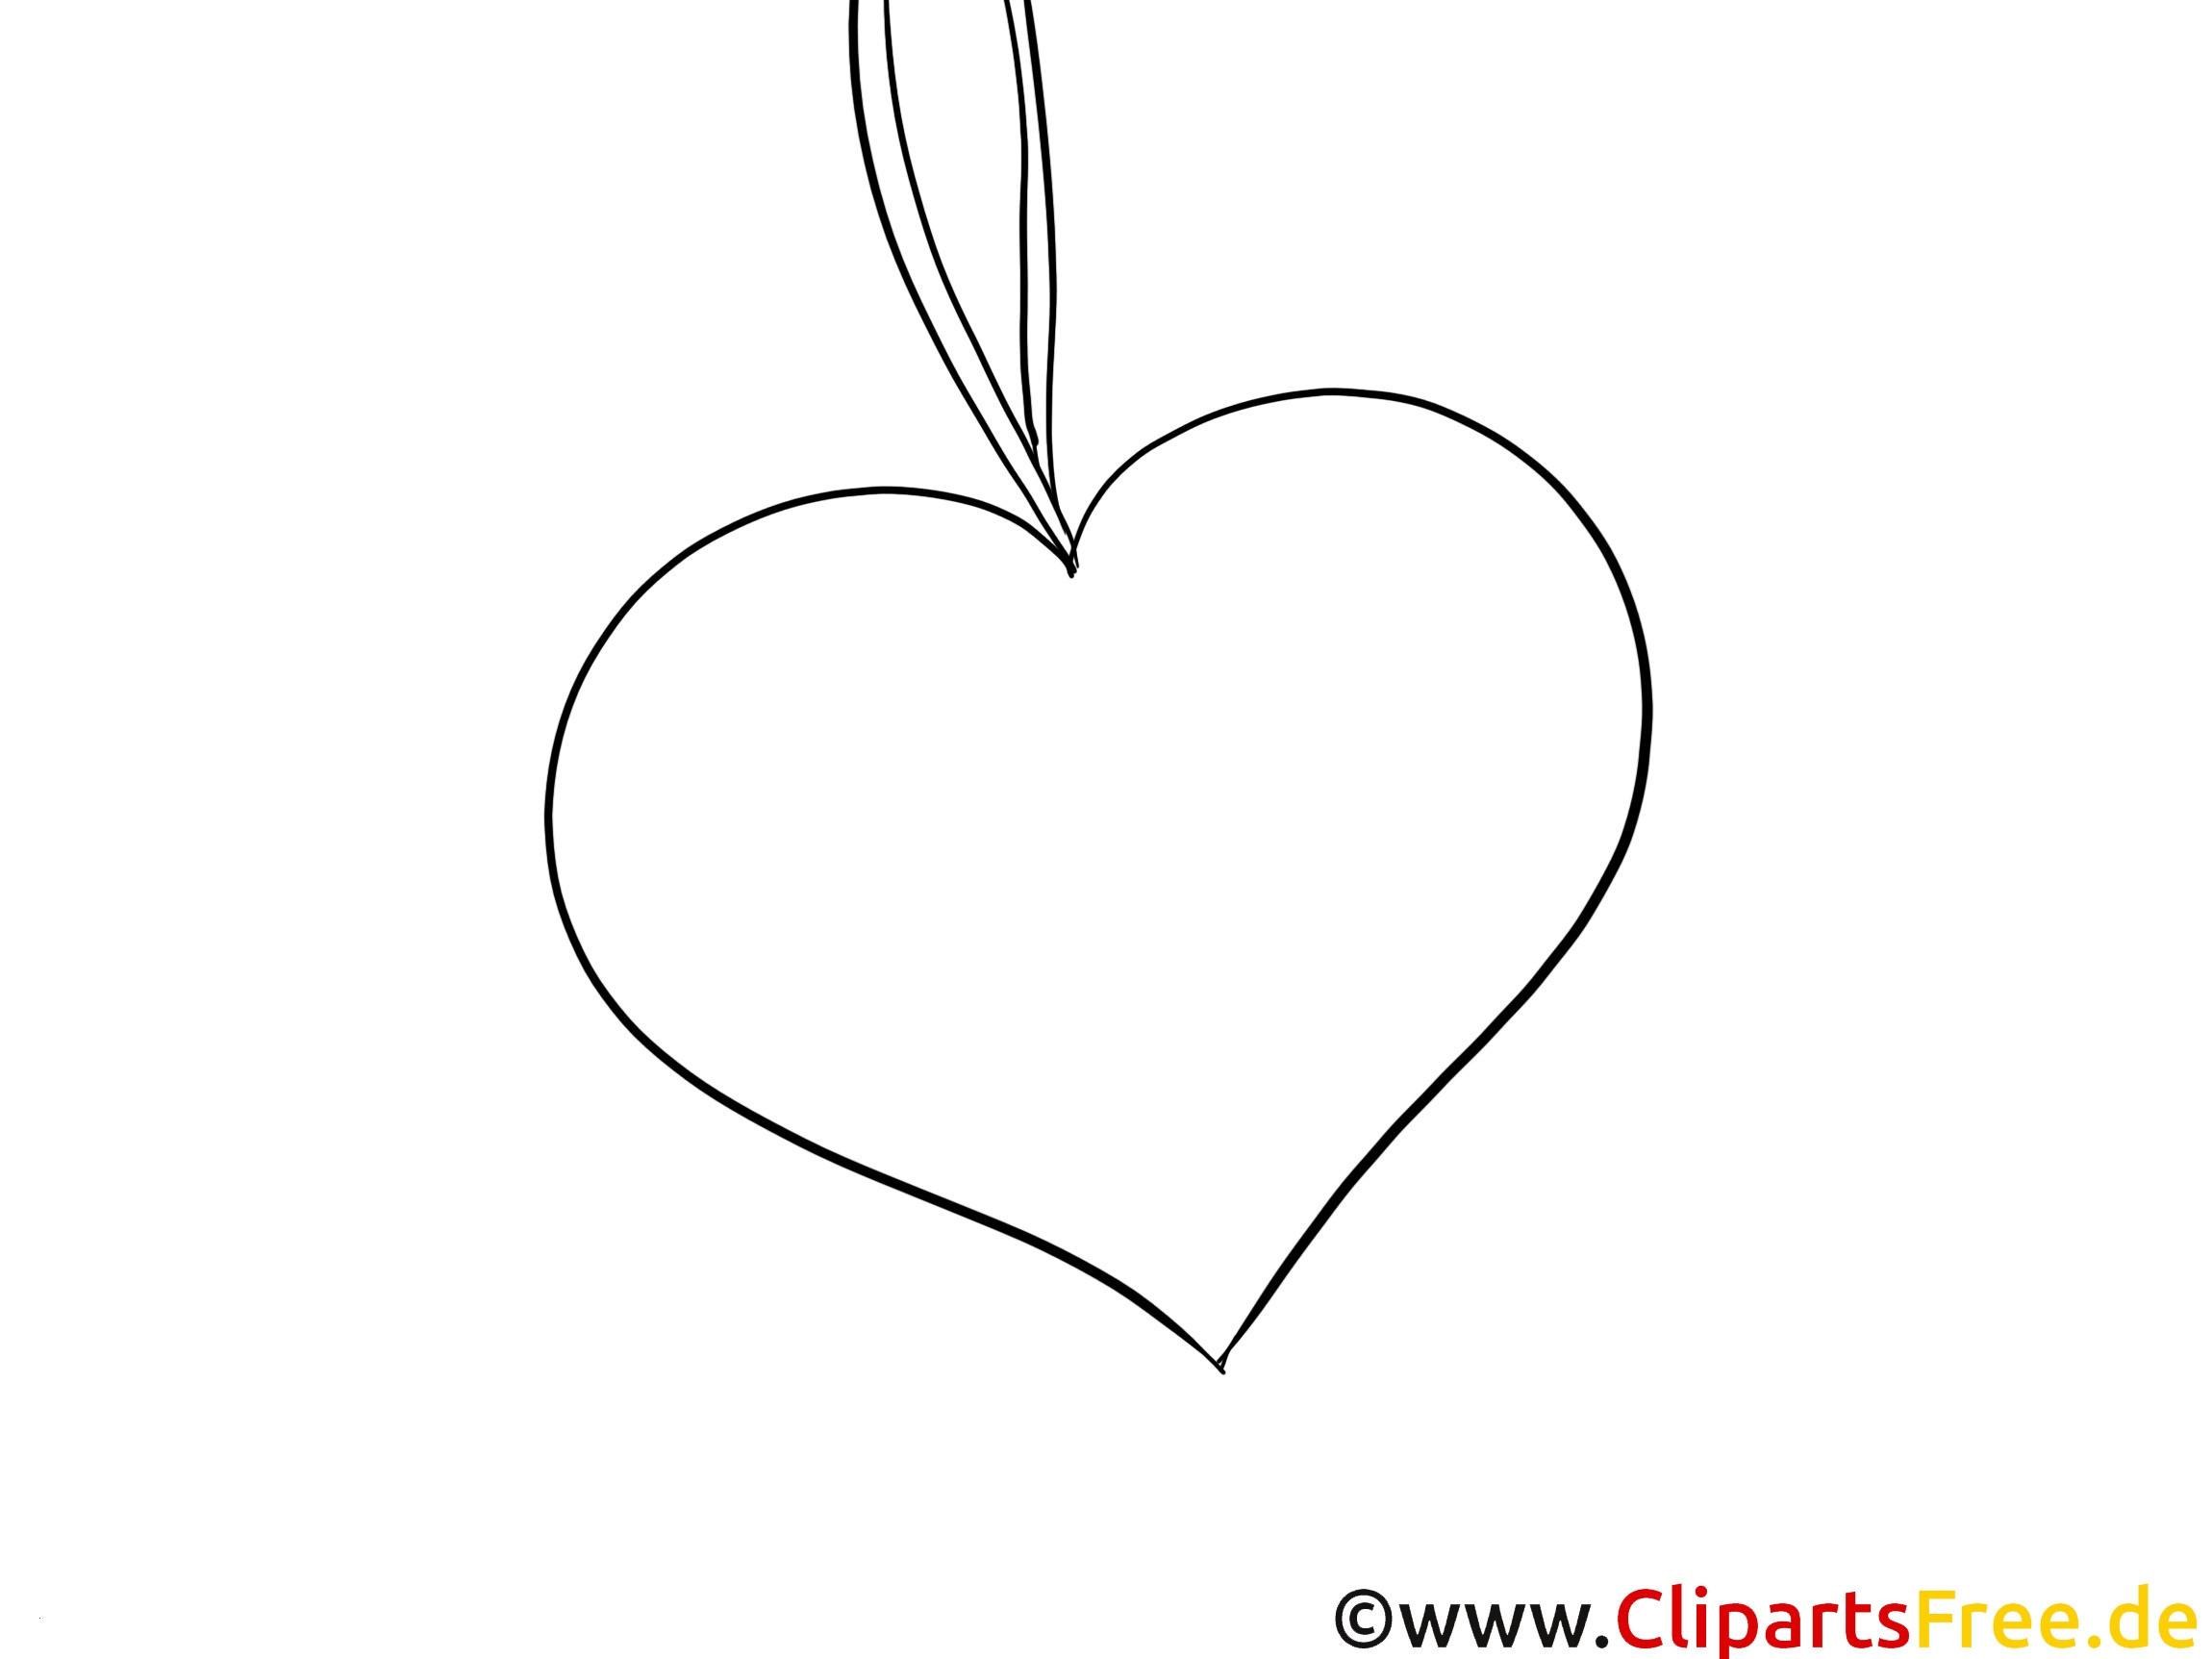 Cupcake Zum Ausmalen Frisch Herz Malvorlagen Das Beste Von Ausmalbilder Bagger Malvorlagen Luxus Stock